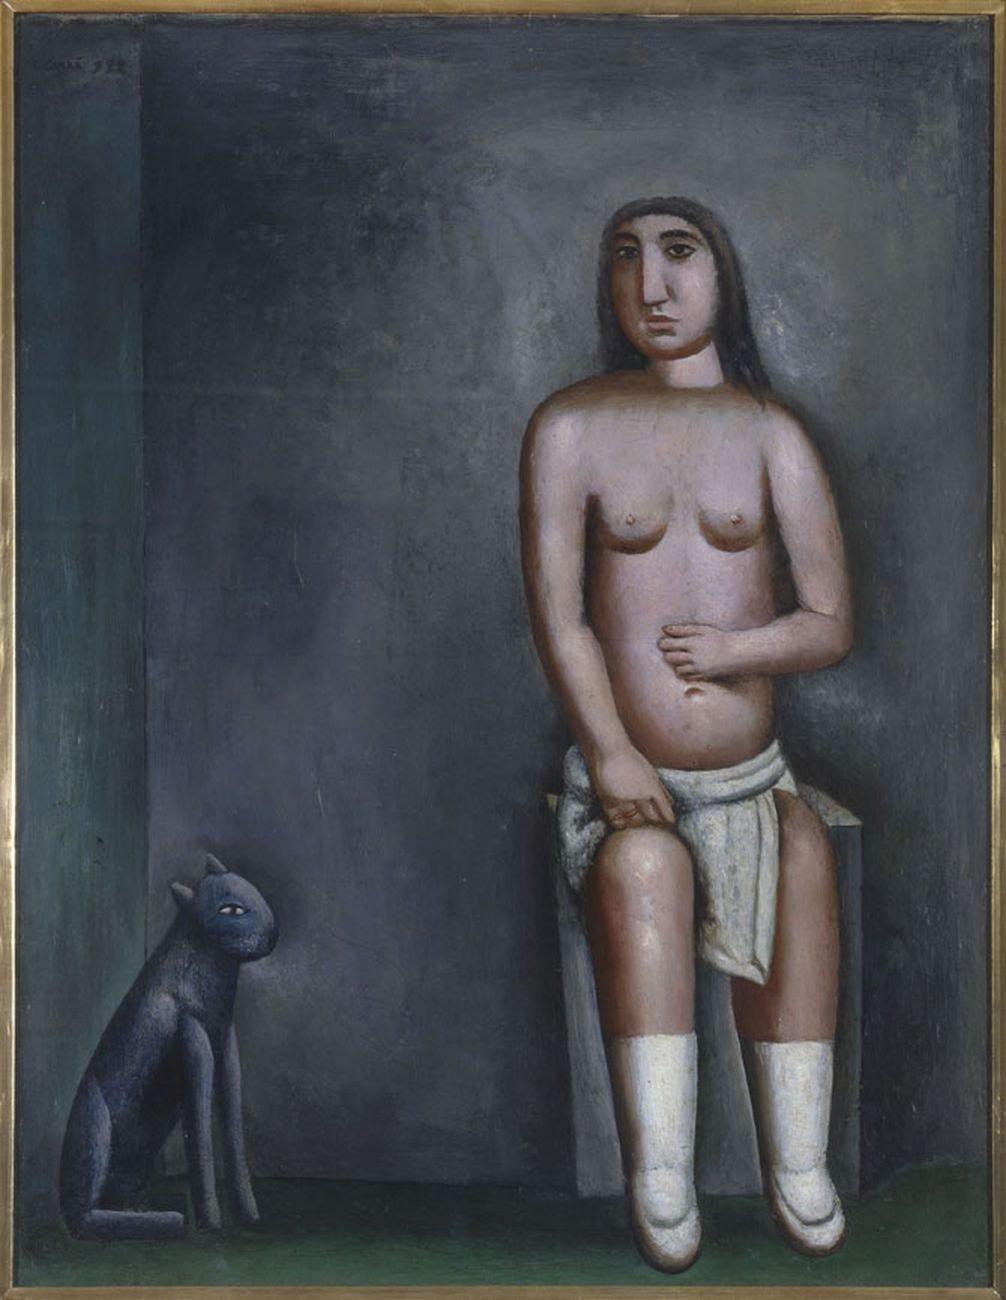 Carlo Carrà, La casa dell'amore, 1922. Pinacoteca di Brera, Milano